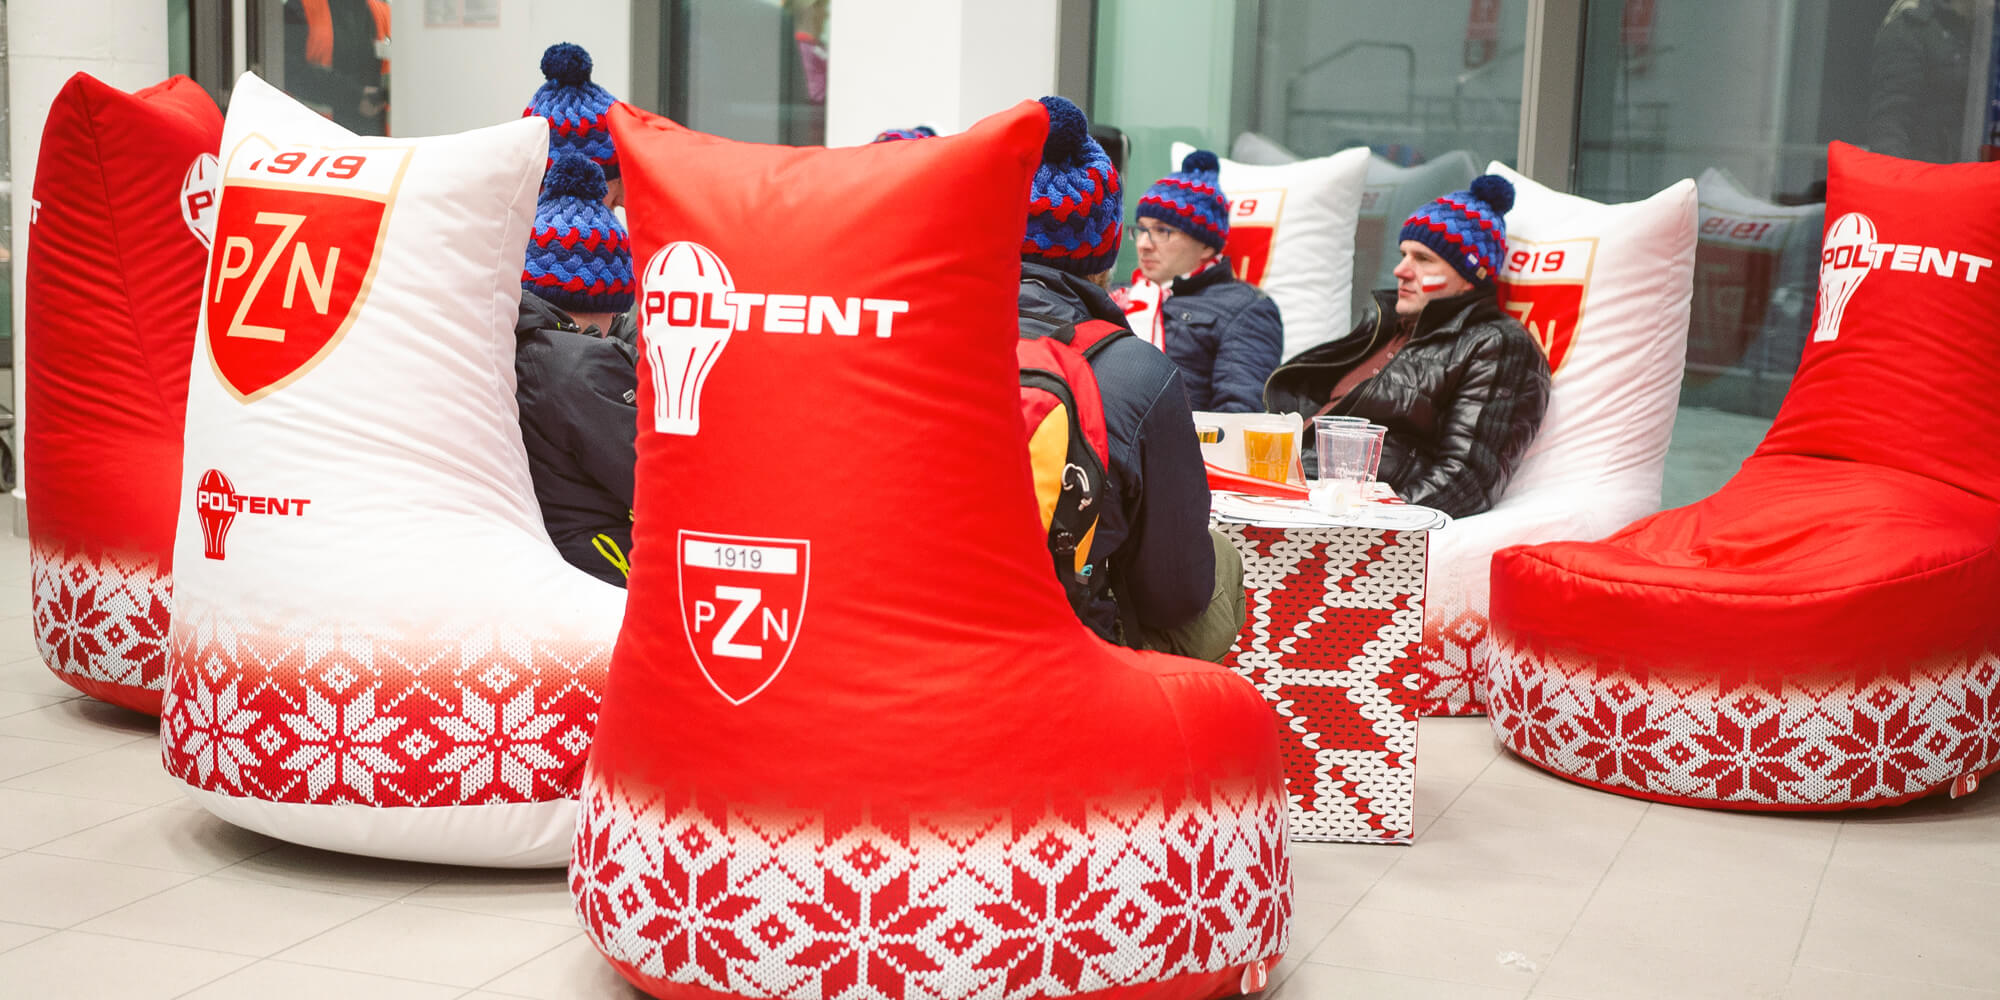 Wygodne pufy reklamowe w strefie relaksu podczas zawodów skoków narciarskich